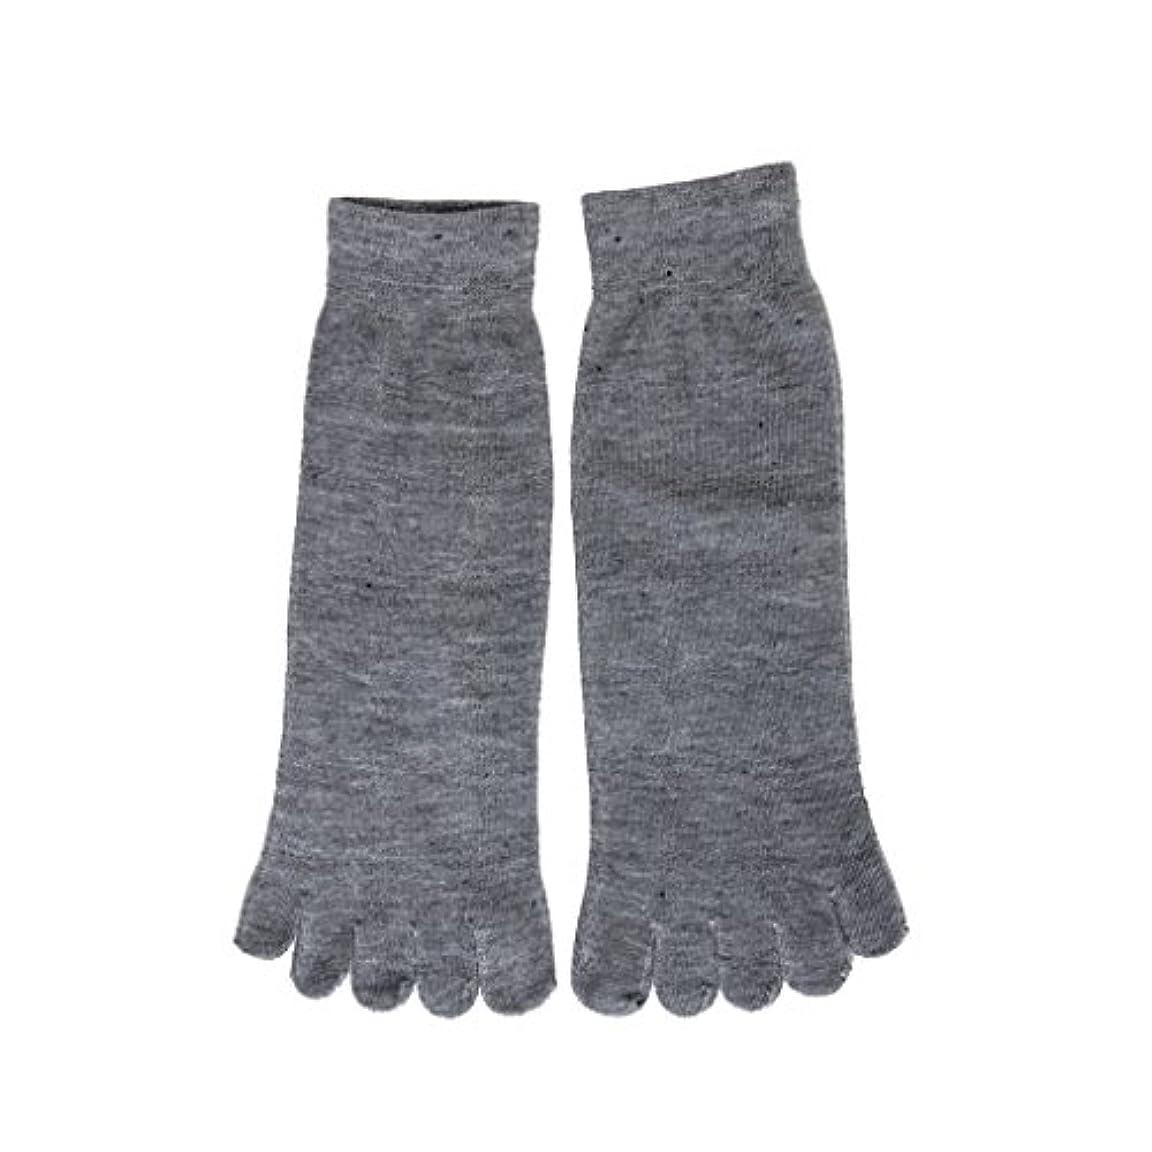 【Footful】ソックス 靴下 くつ下 五本指ソックス サポートソックス 全4色 (ライトグレー)